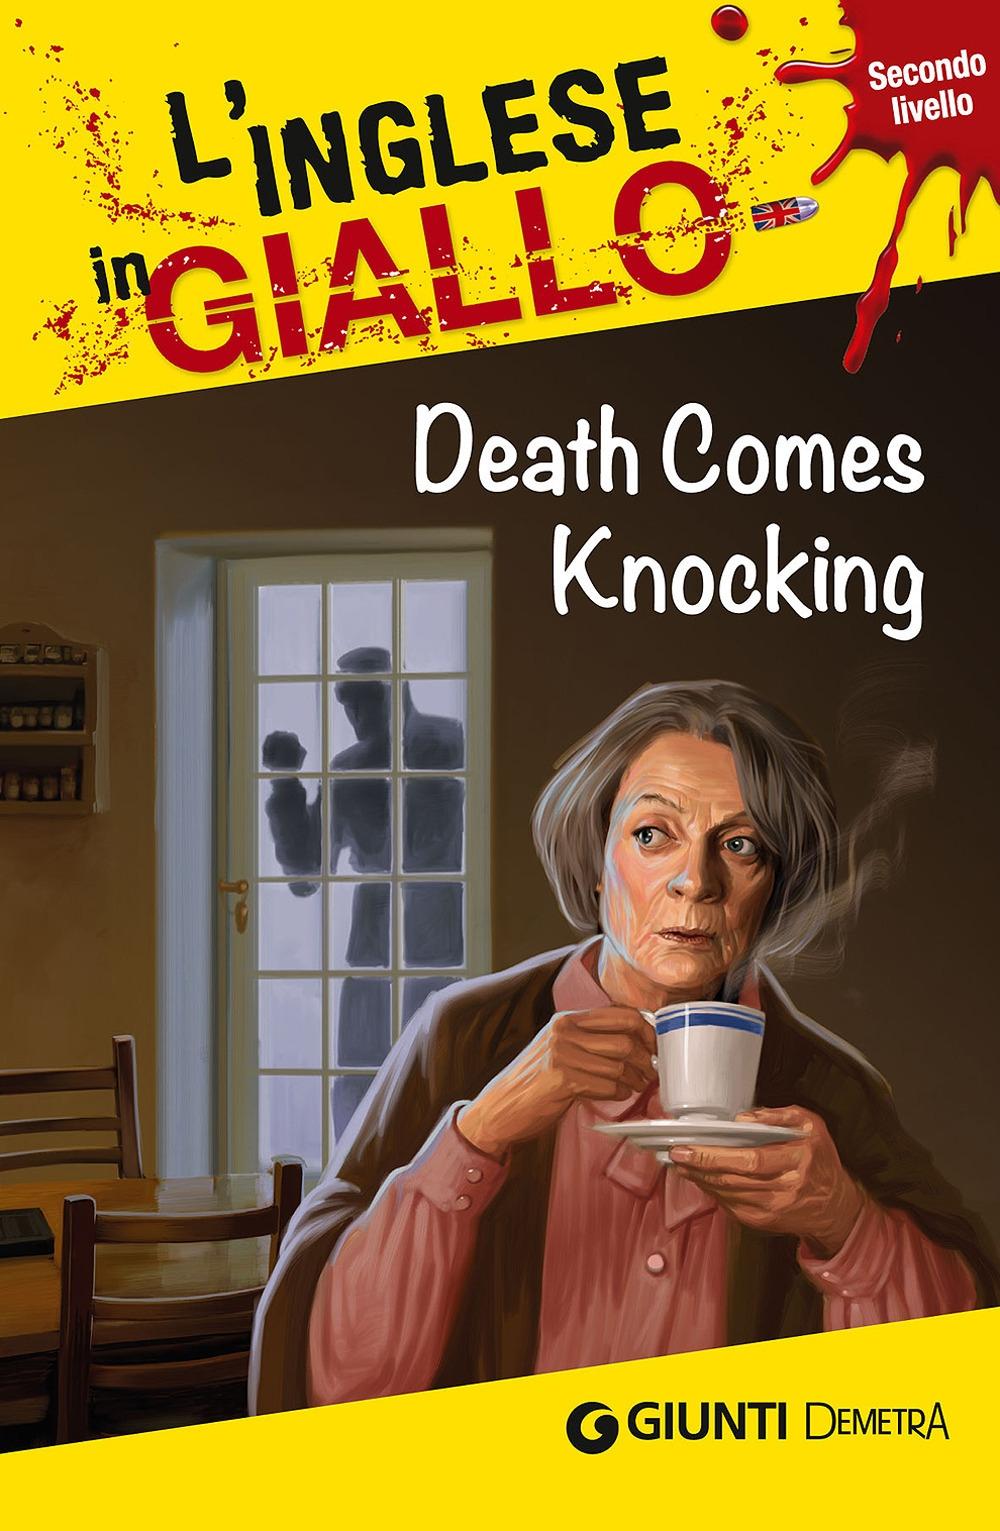 Death comes knocking. I racconti che migliorano il tuo inglese! Secondo livello.